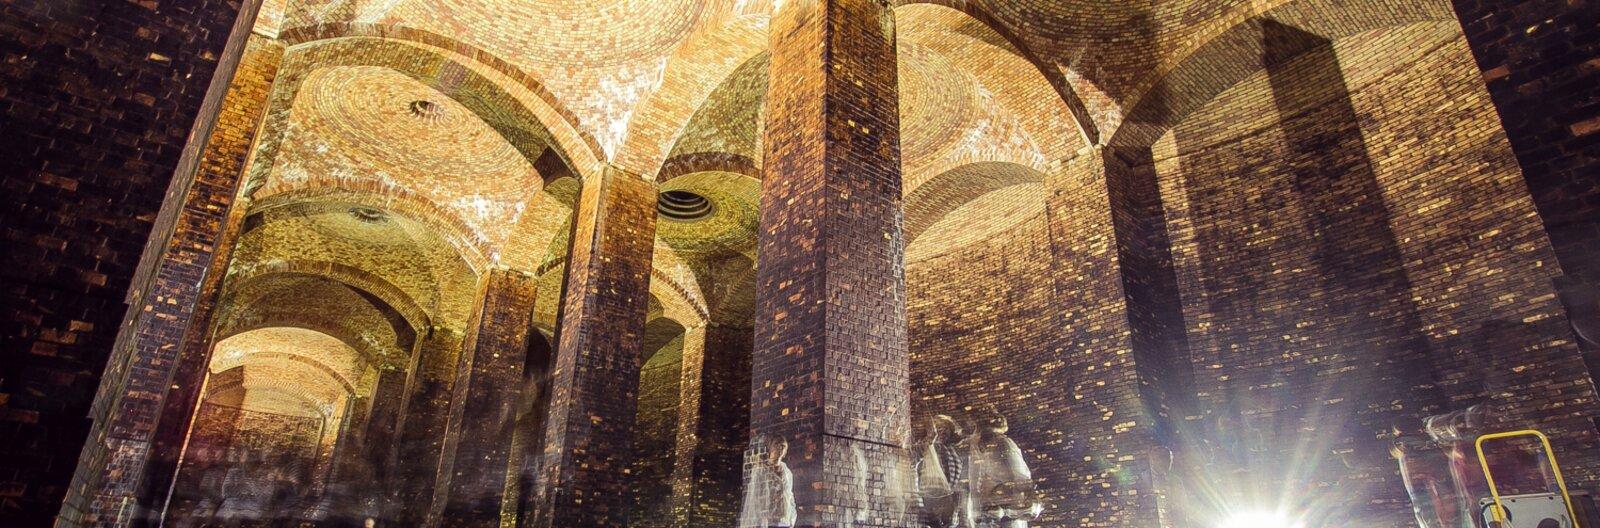 Ingyenes séták, évente egyszer látogatható, exkluzív helyszínek – 7 program a Kulturális Örökség Napjaira